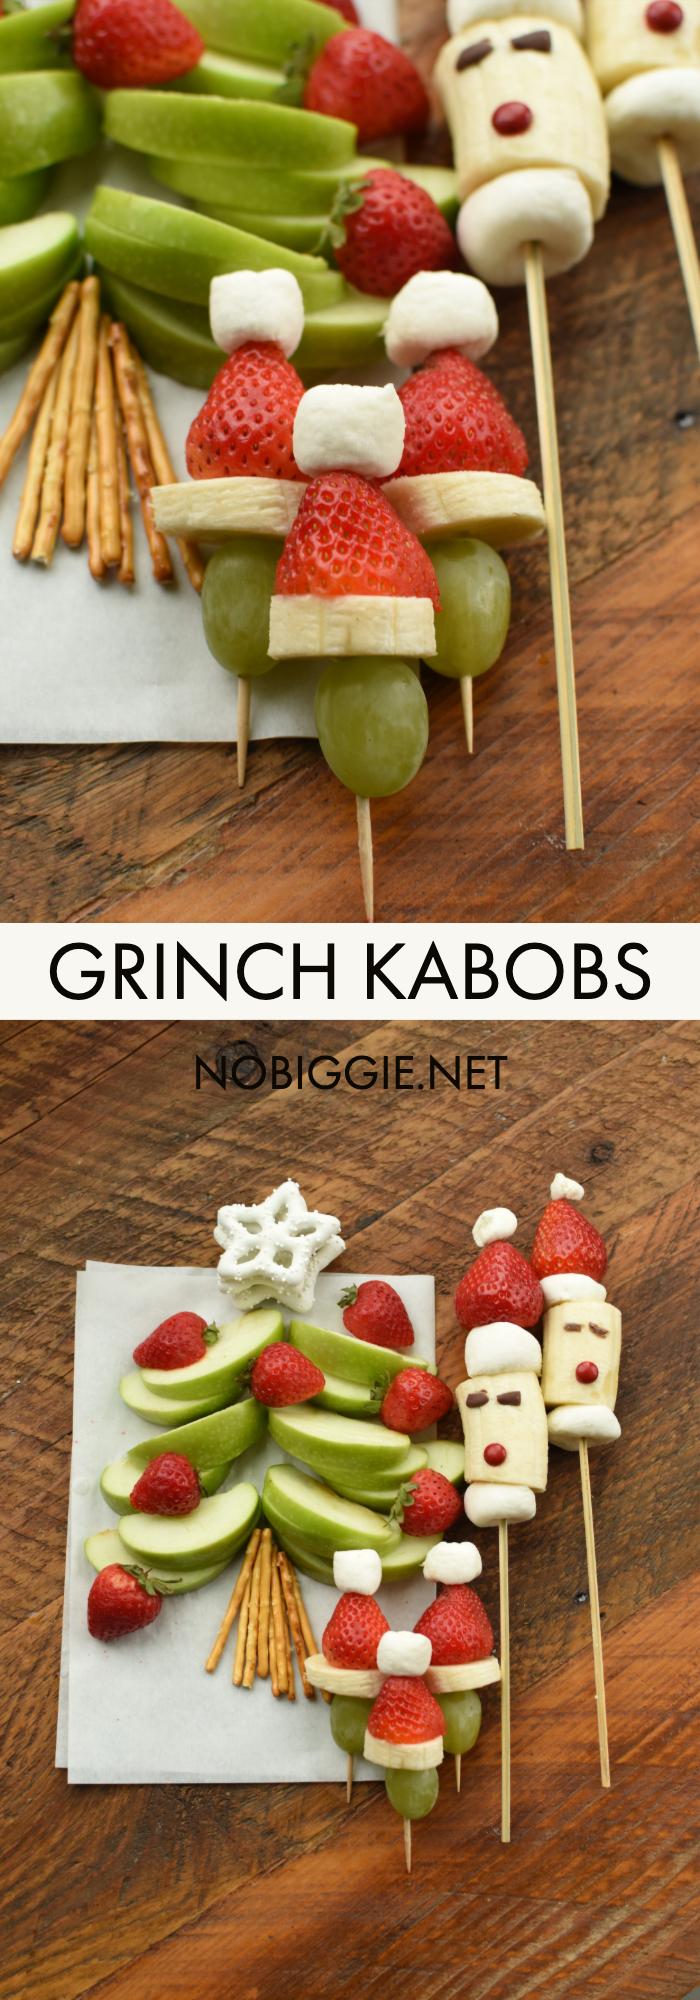 Grinch Kabobs | NoBiggie.net